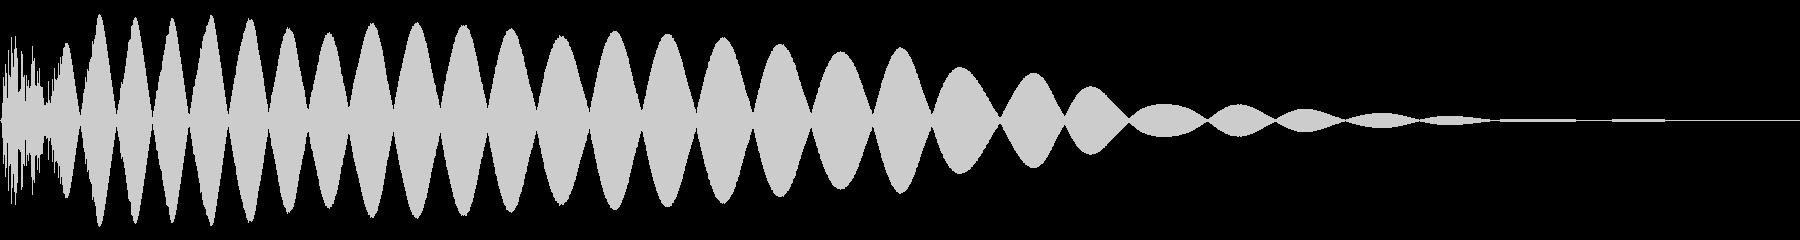 EDMやIDM系のバスドラム!05cの未再生の波形